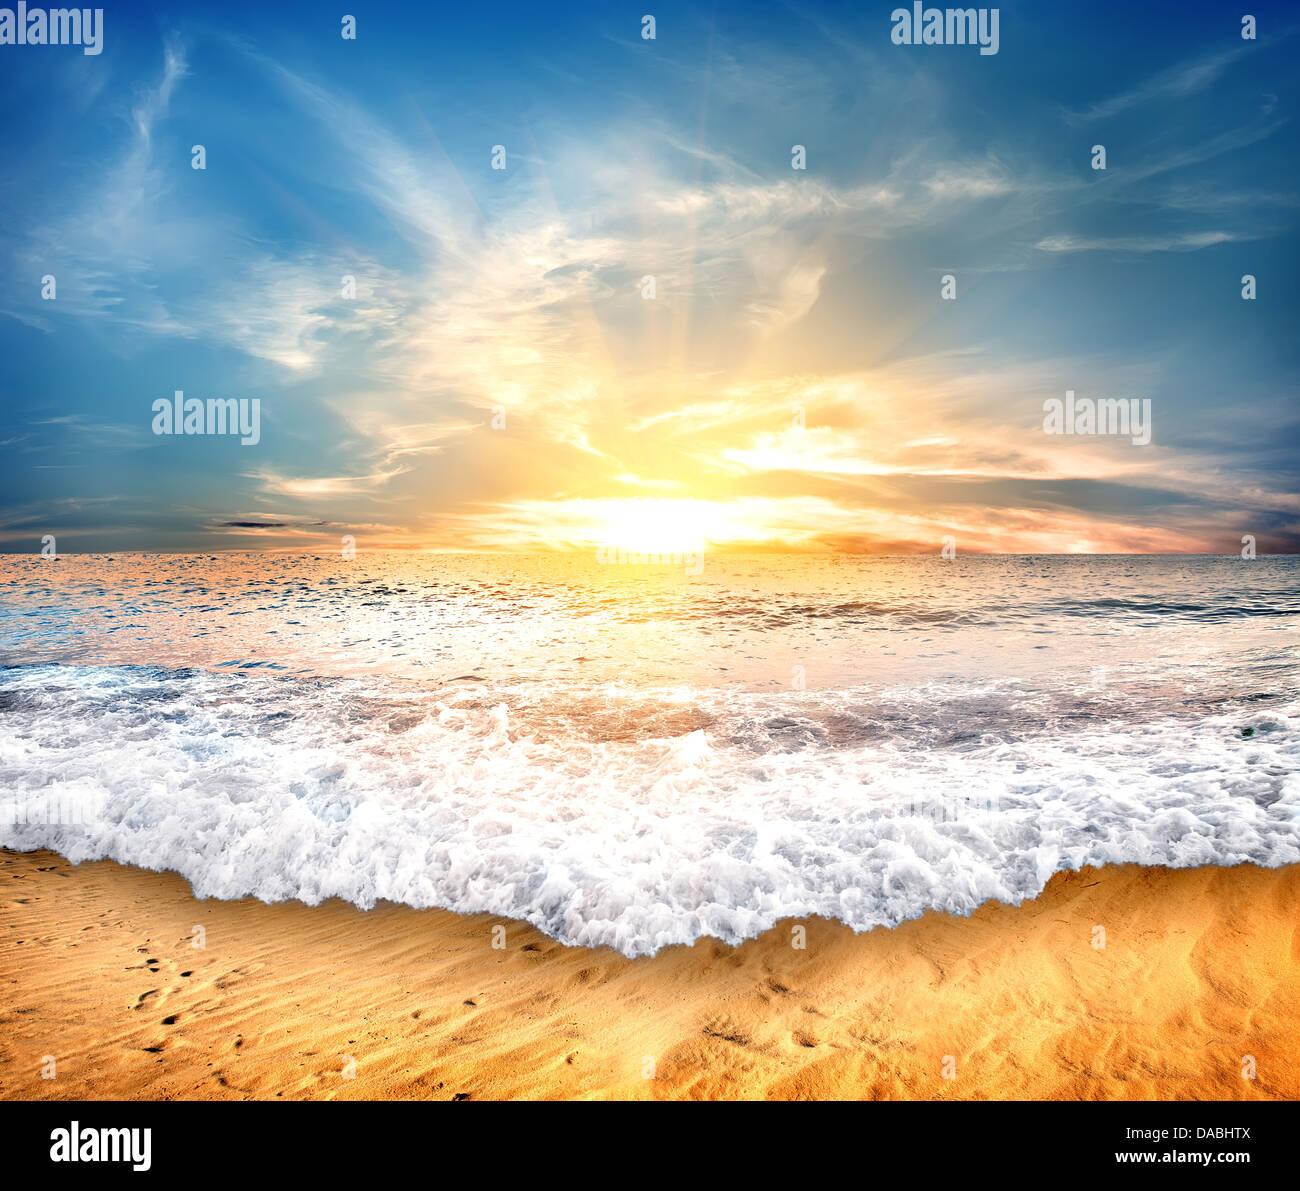 Tropischen gelben Sandstrand und blauer Himmel Stockbild